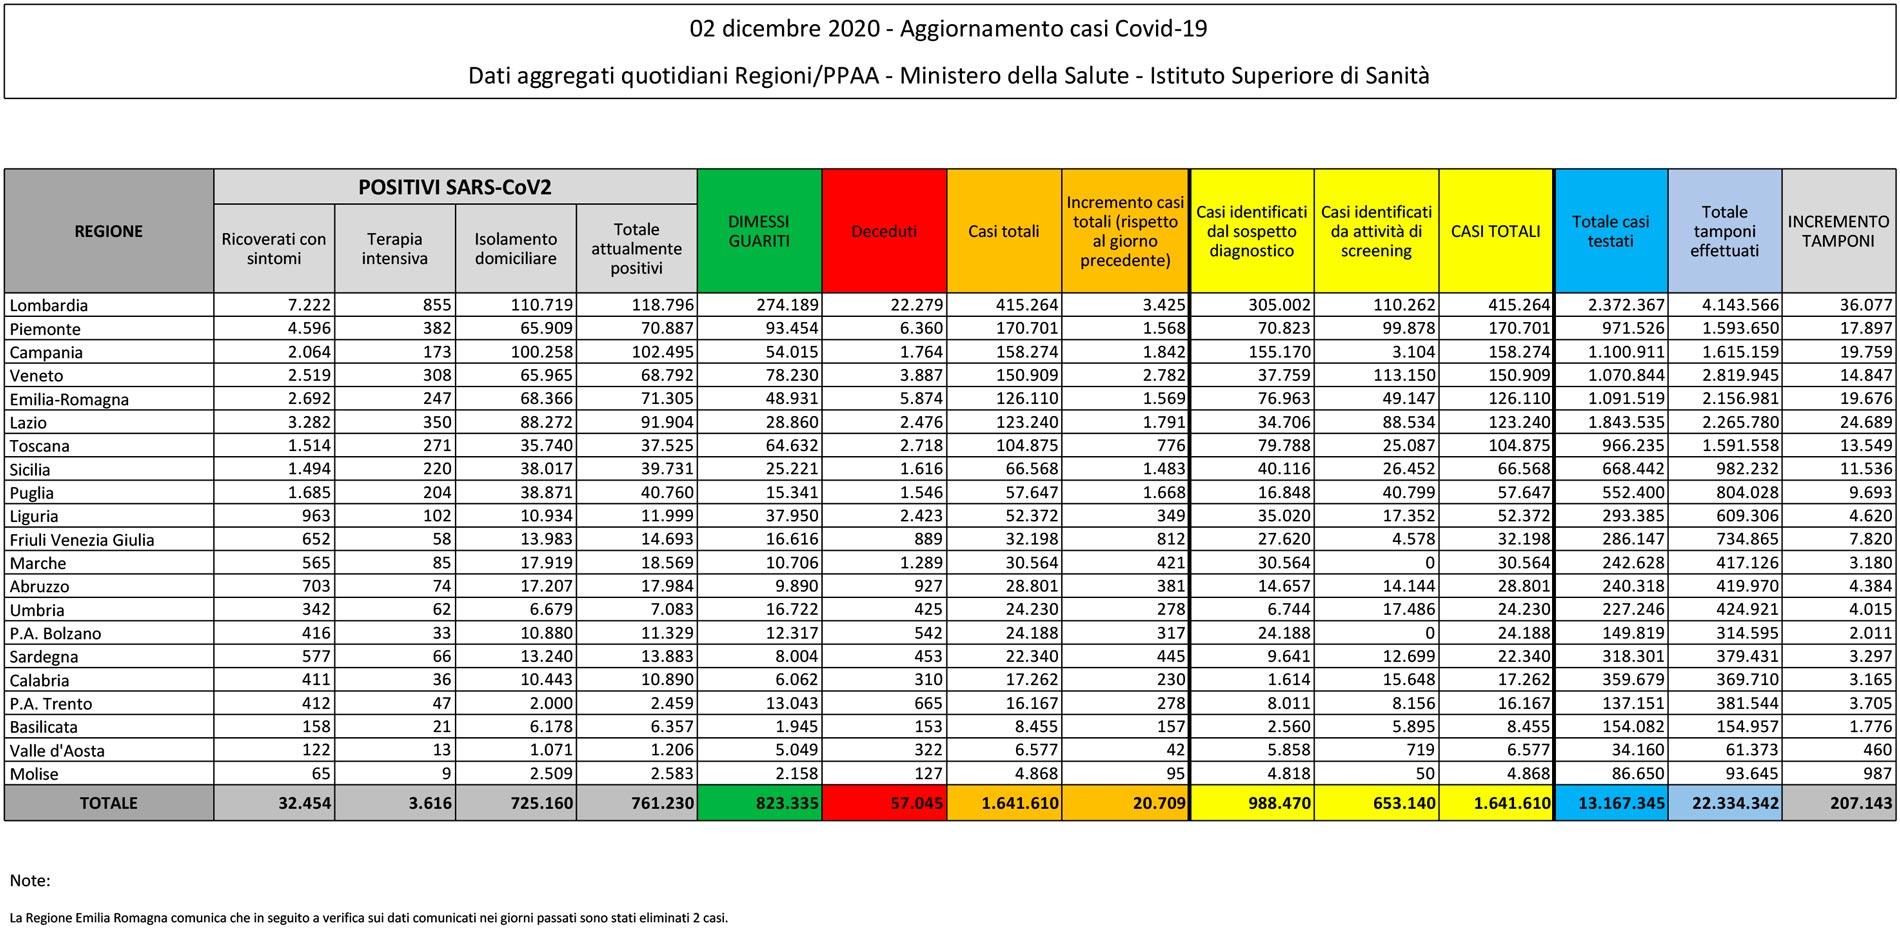 tabella del bollettino del 2 dicembre 2020 contenente i dati sul coronavirus (o covid) in italia